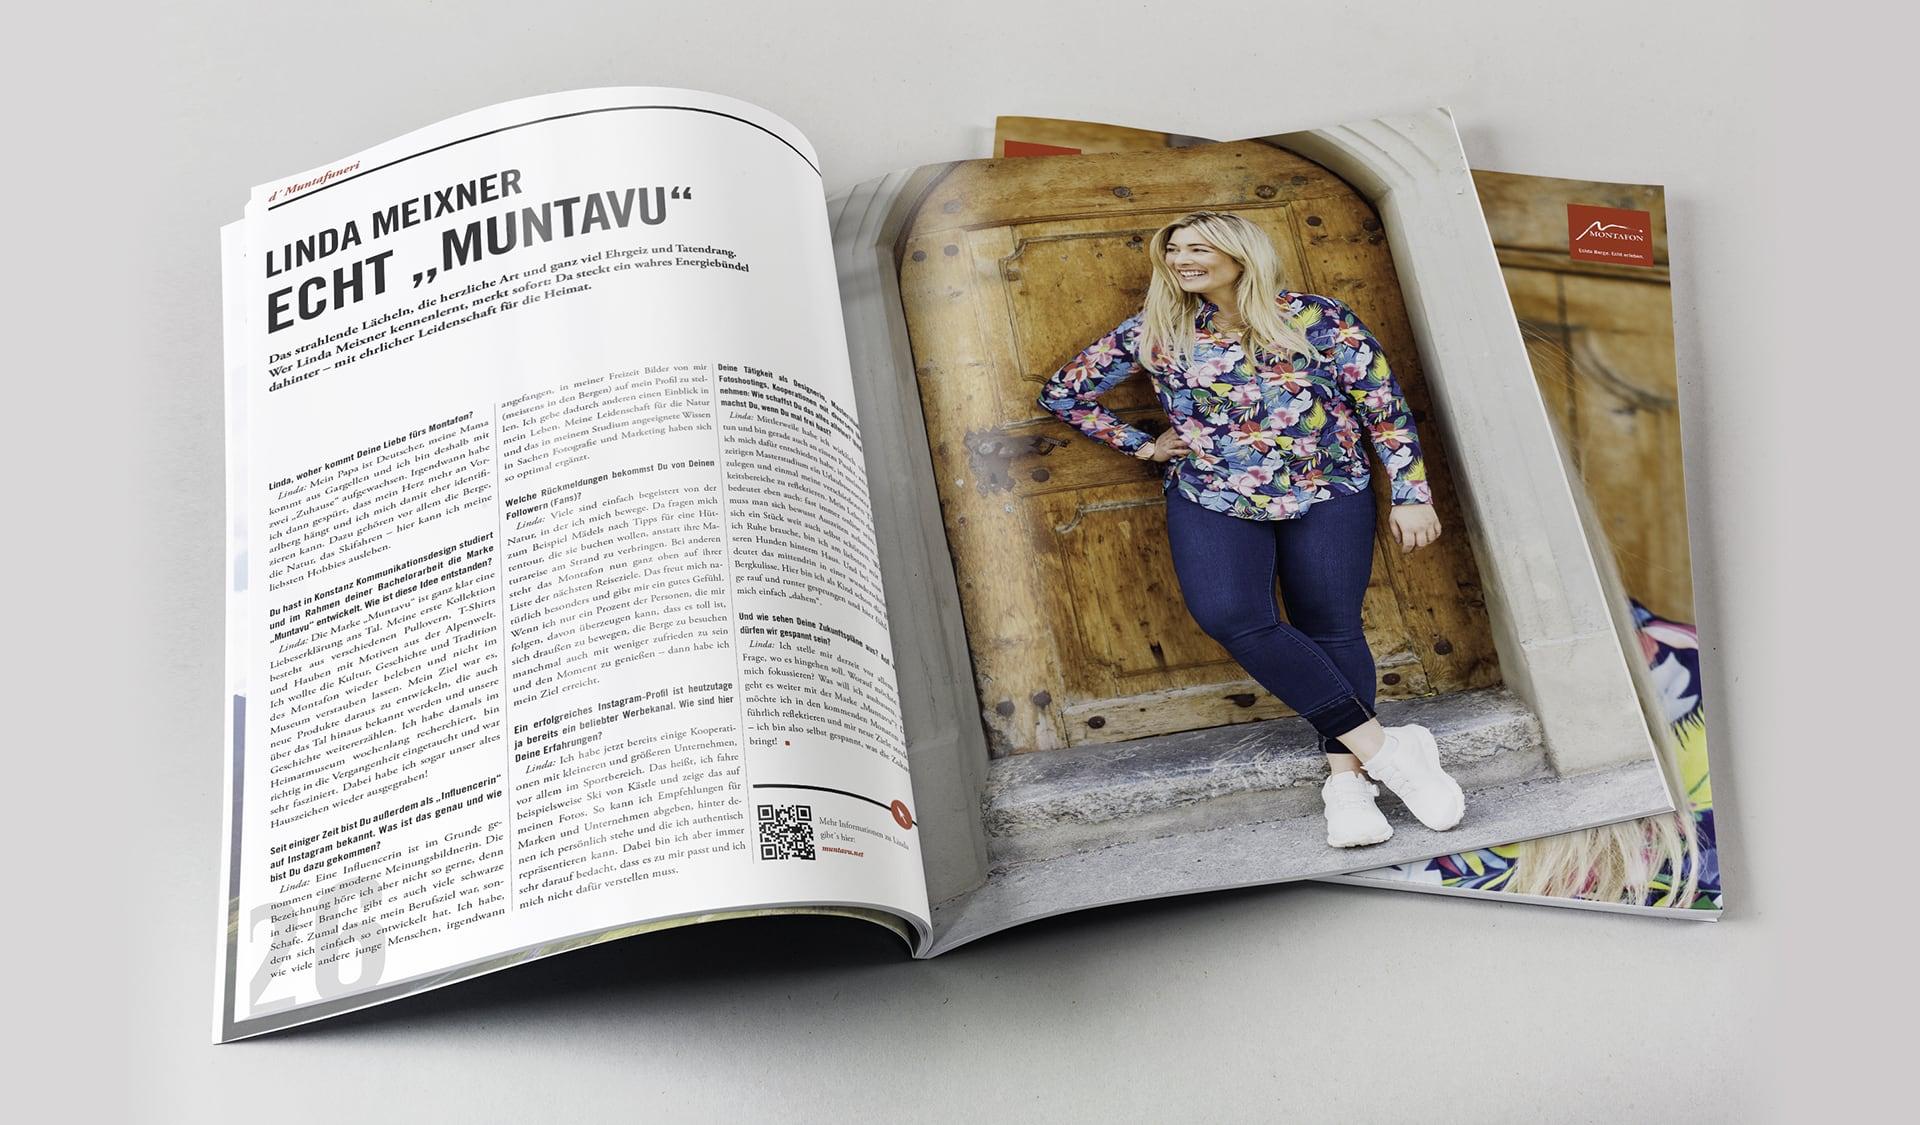 Innenseite im Magazin – Interview mit der Muntafunerin Linda Meixner